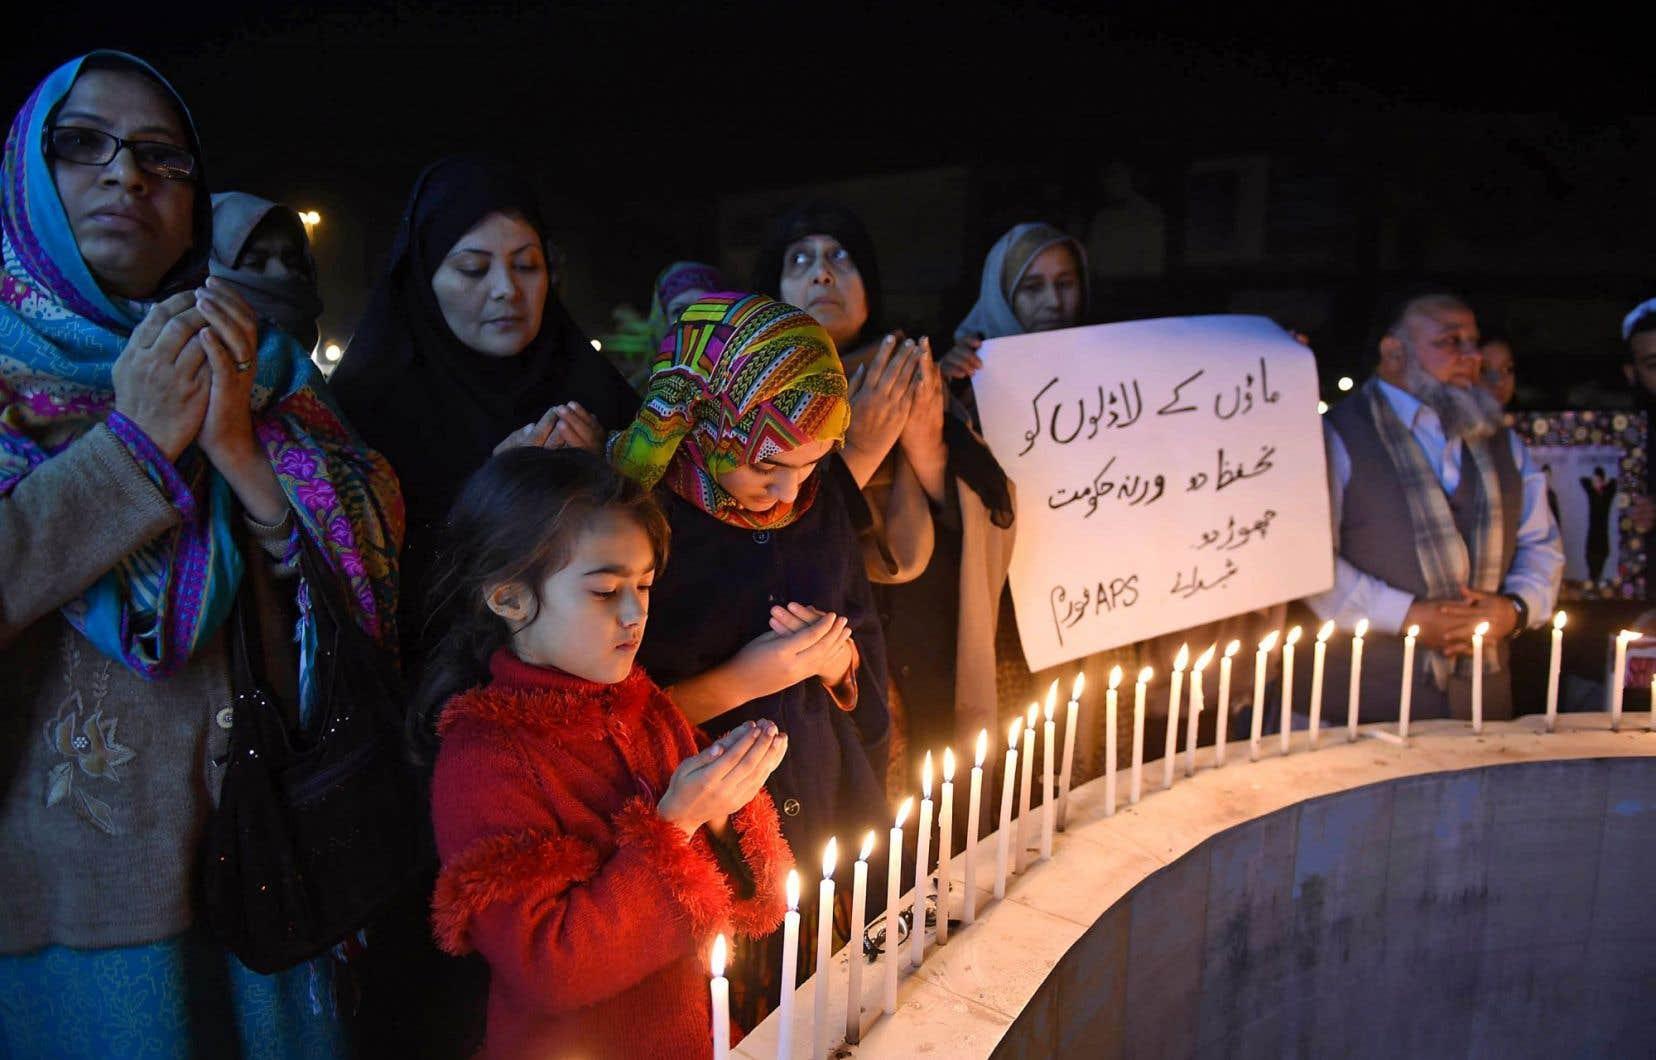 Au moins 21 personnes ont été tuées mercredi dans l'attaque d'une université du nord-ouest du Pakistan revendiquée par une faction talibane, provoquant l'émoi dans le pays un an après un massacre dans une école de la même région. En photo, des proches des victimes de l'attentat de l'école militaire de Peshawar de décembre 2014 — 141 personnes avaient été tuées — se recueillent en mémoire des étudiants universitaires.